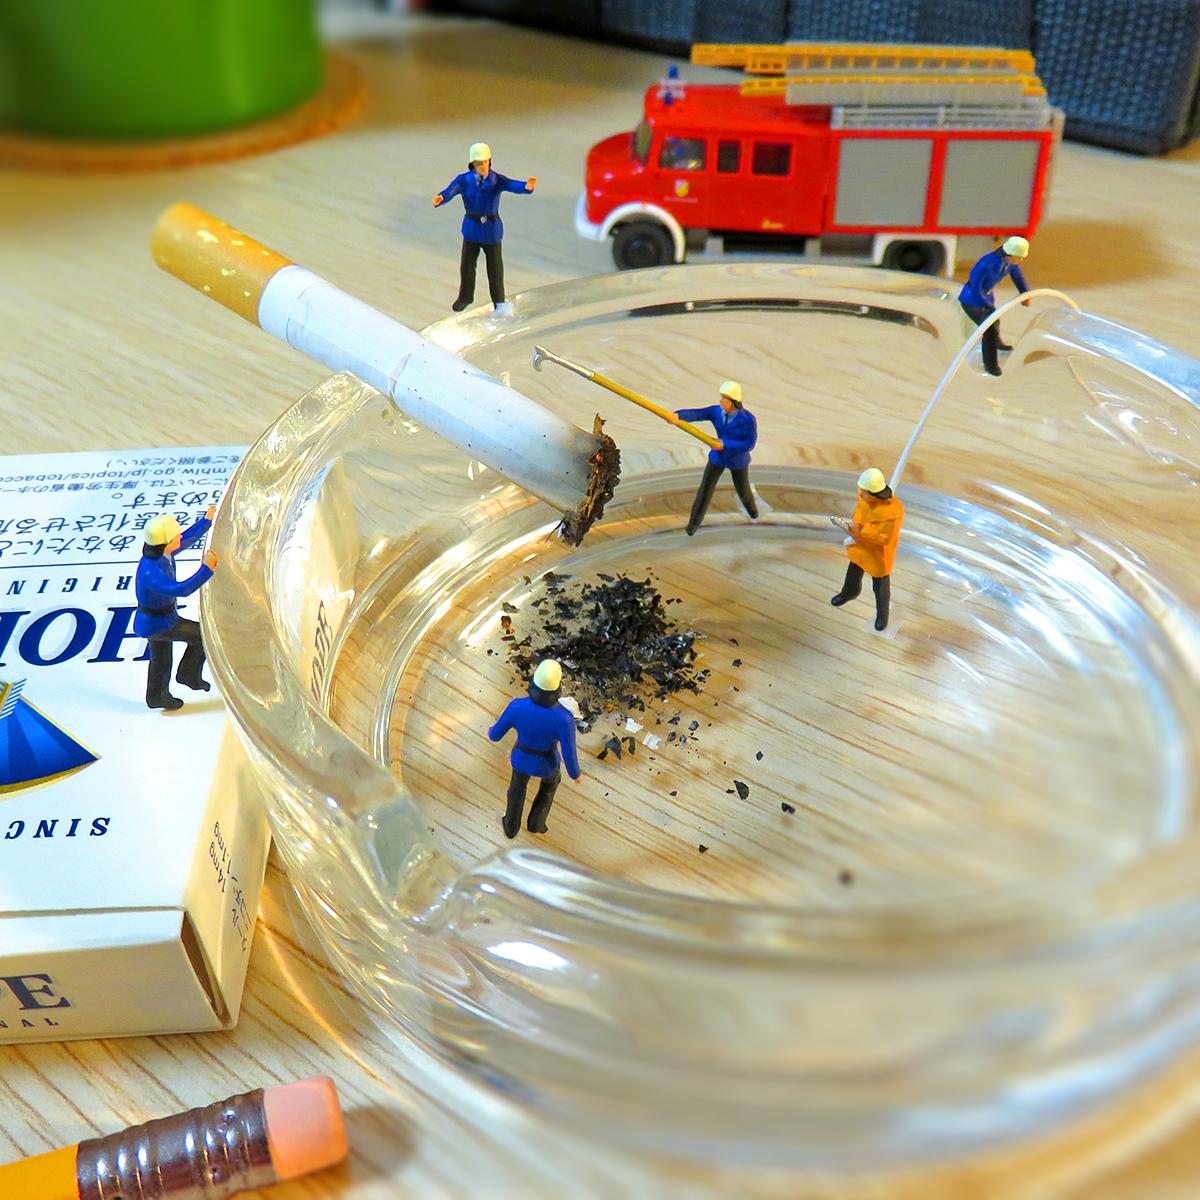 火を消し忘れたタバコを消火する消防士たち